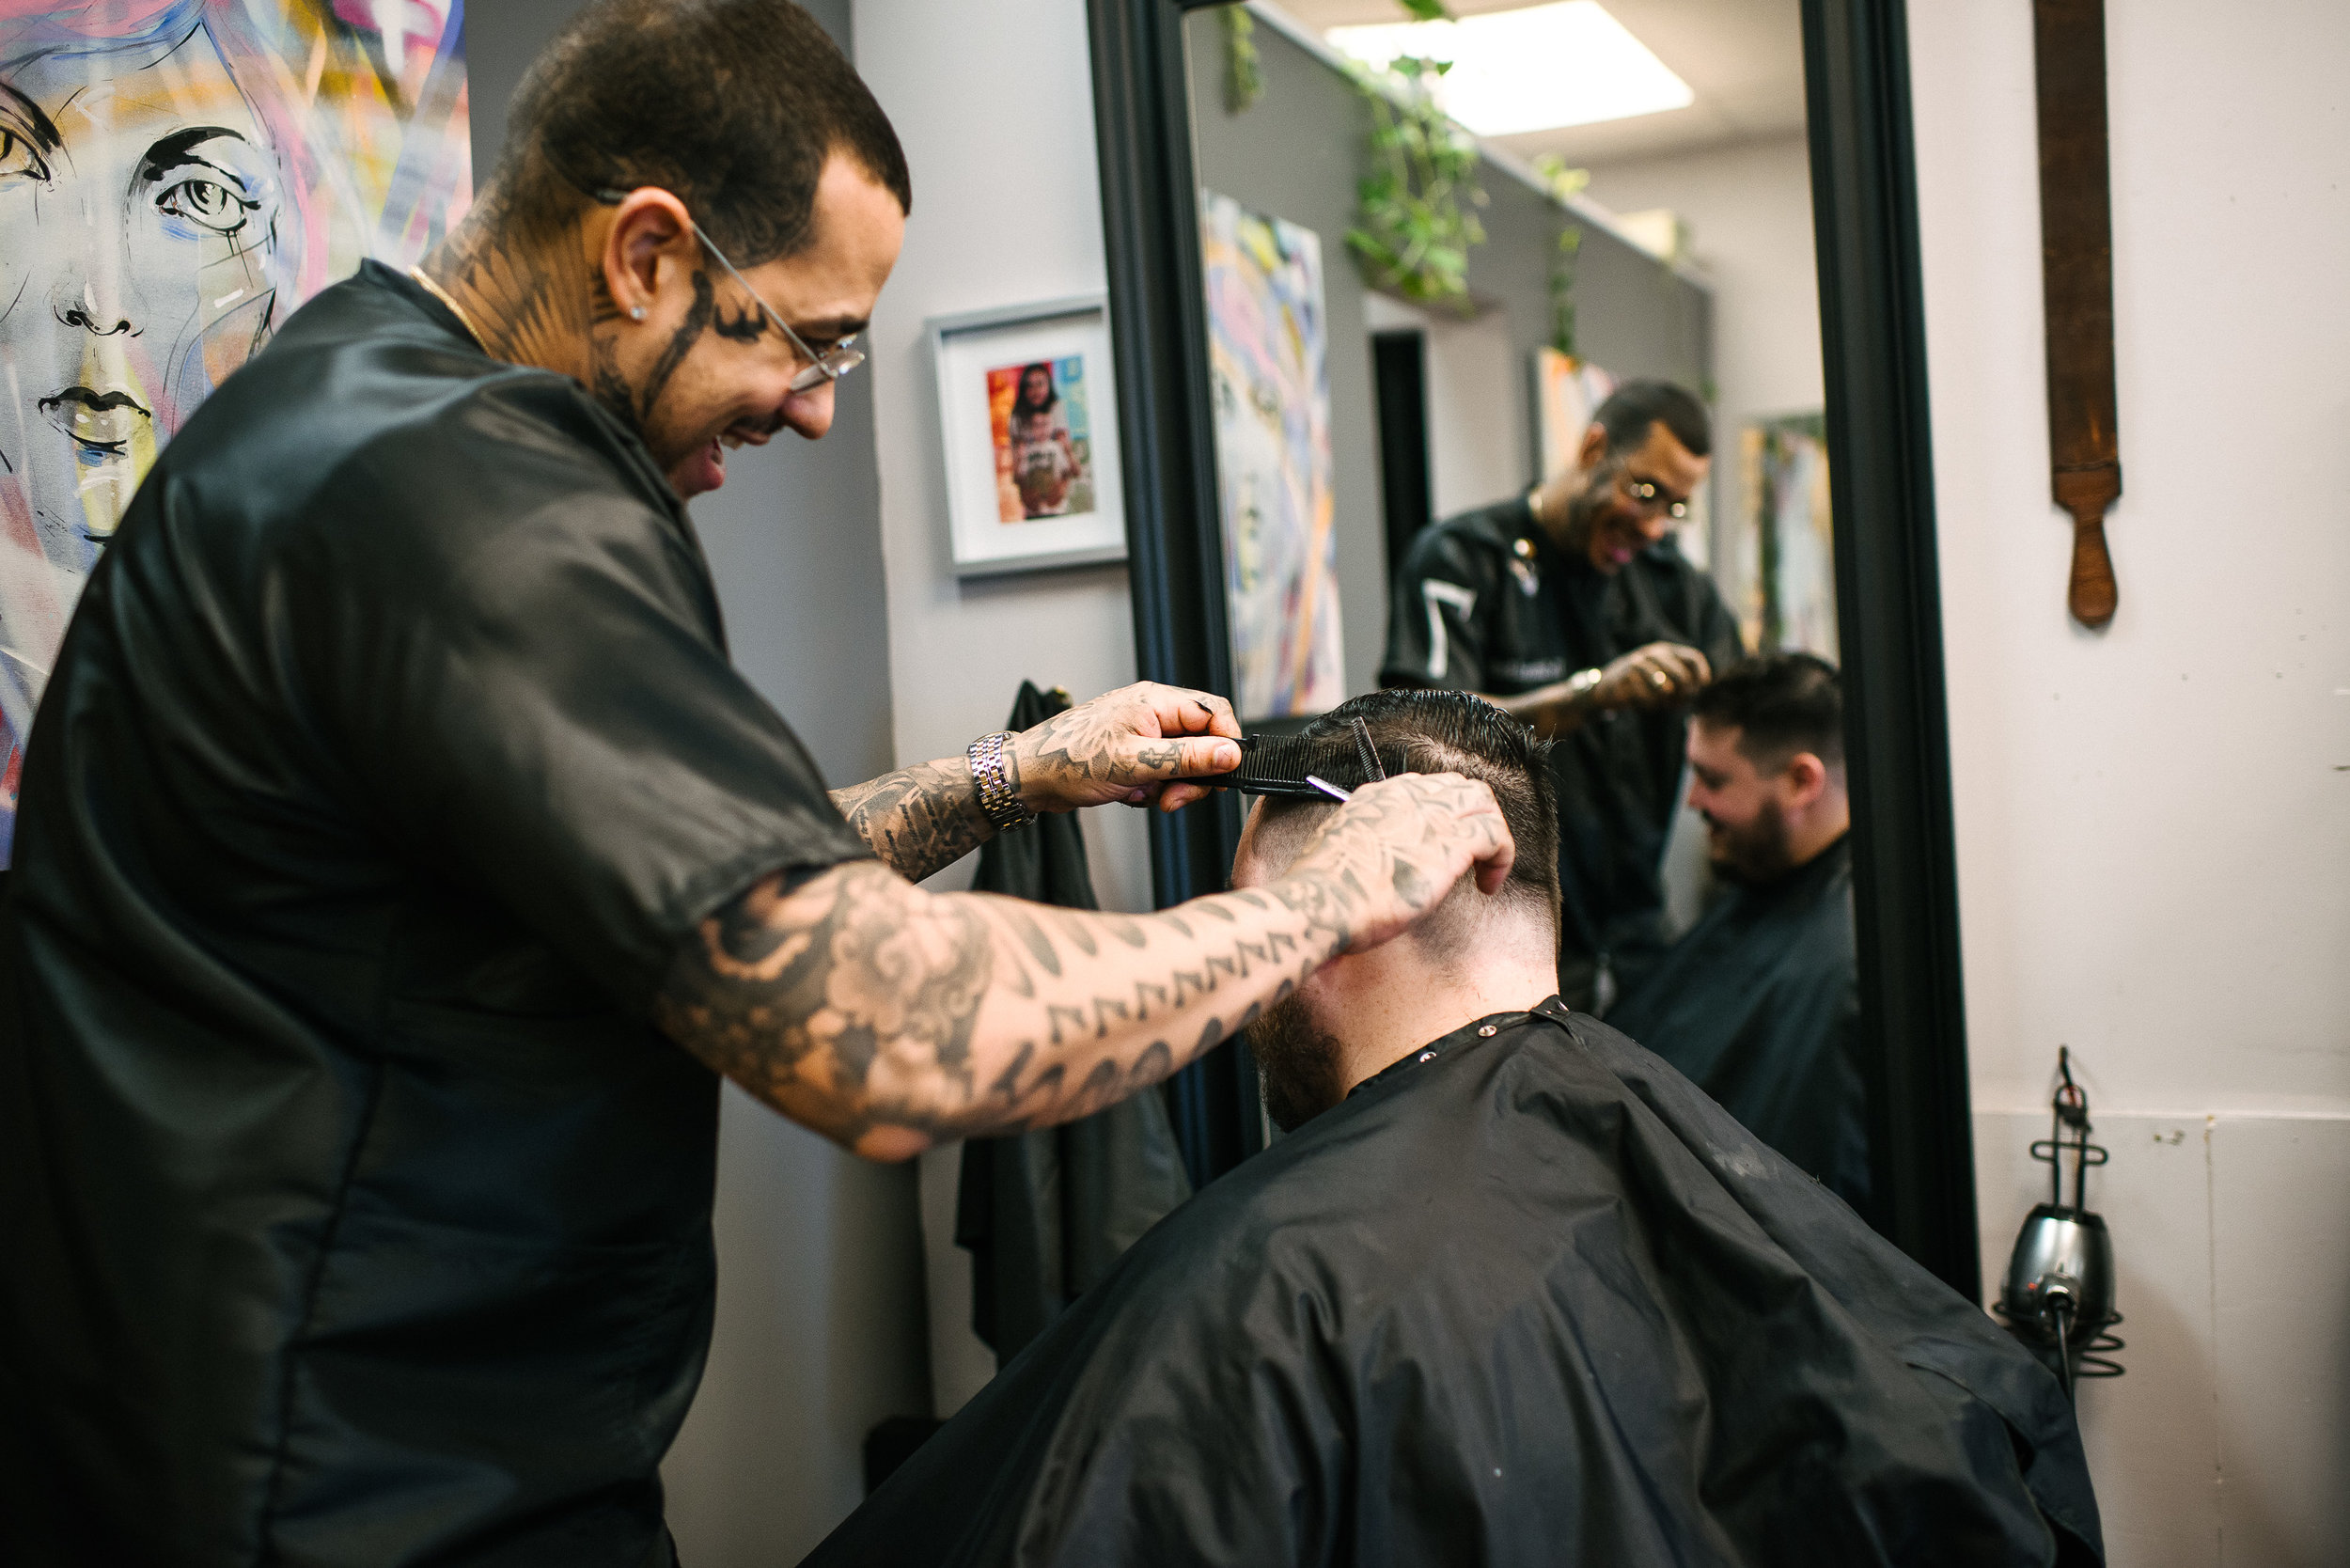 InkTegrity Tattoo Community Growth Tattoo Days-144559vm.jpg